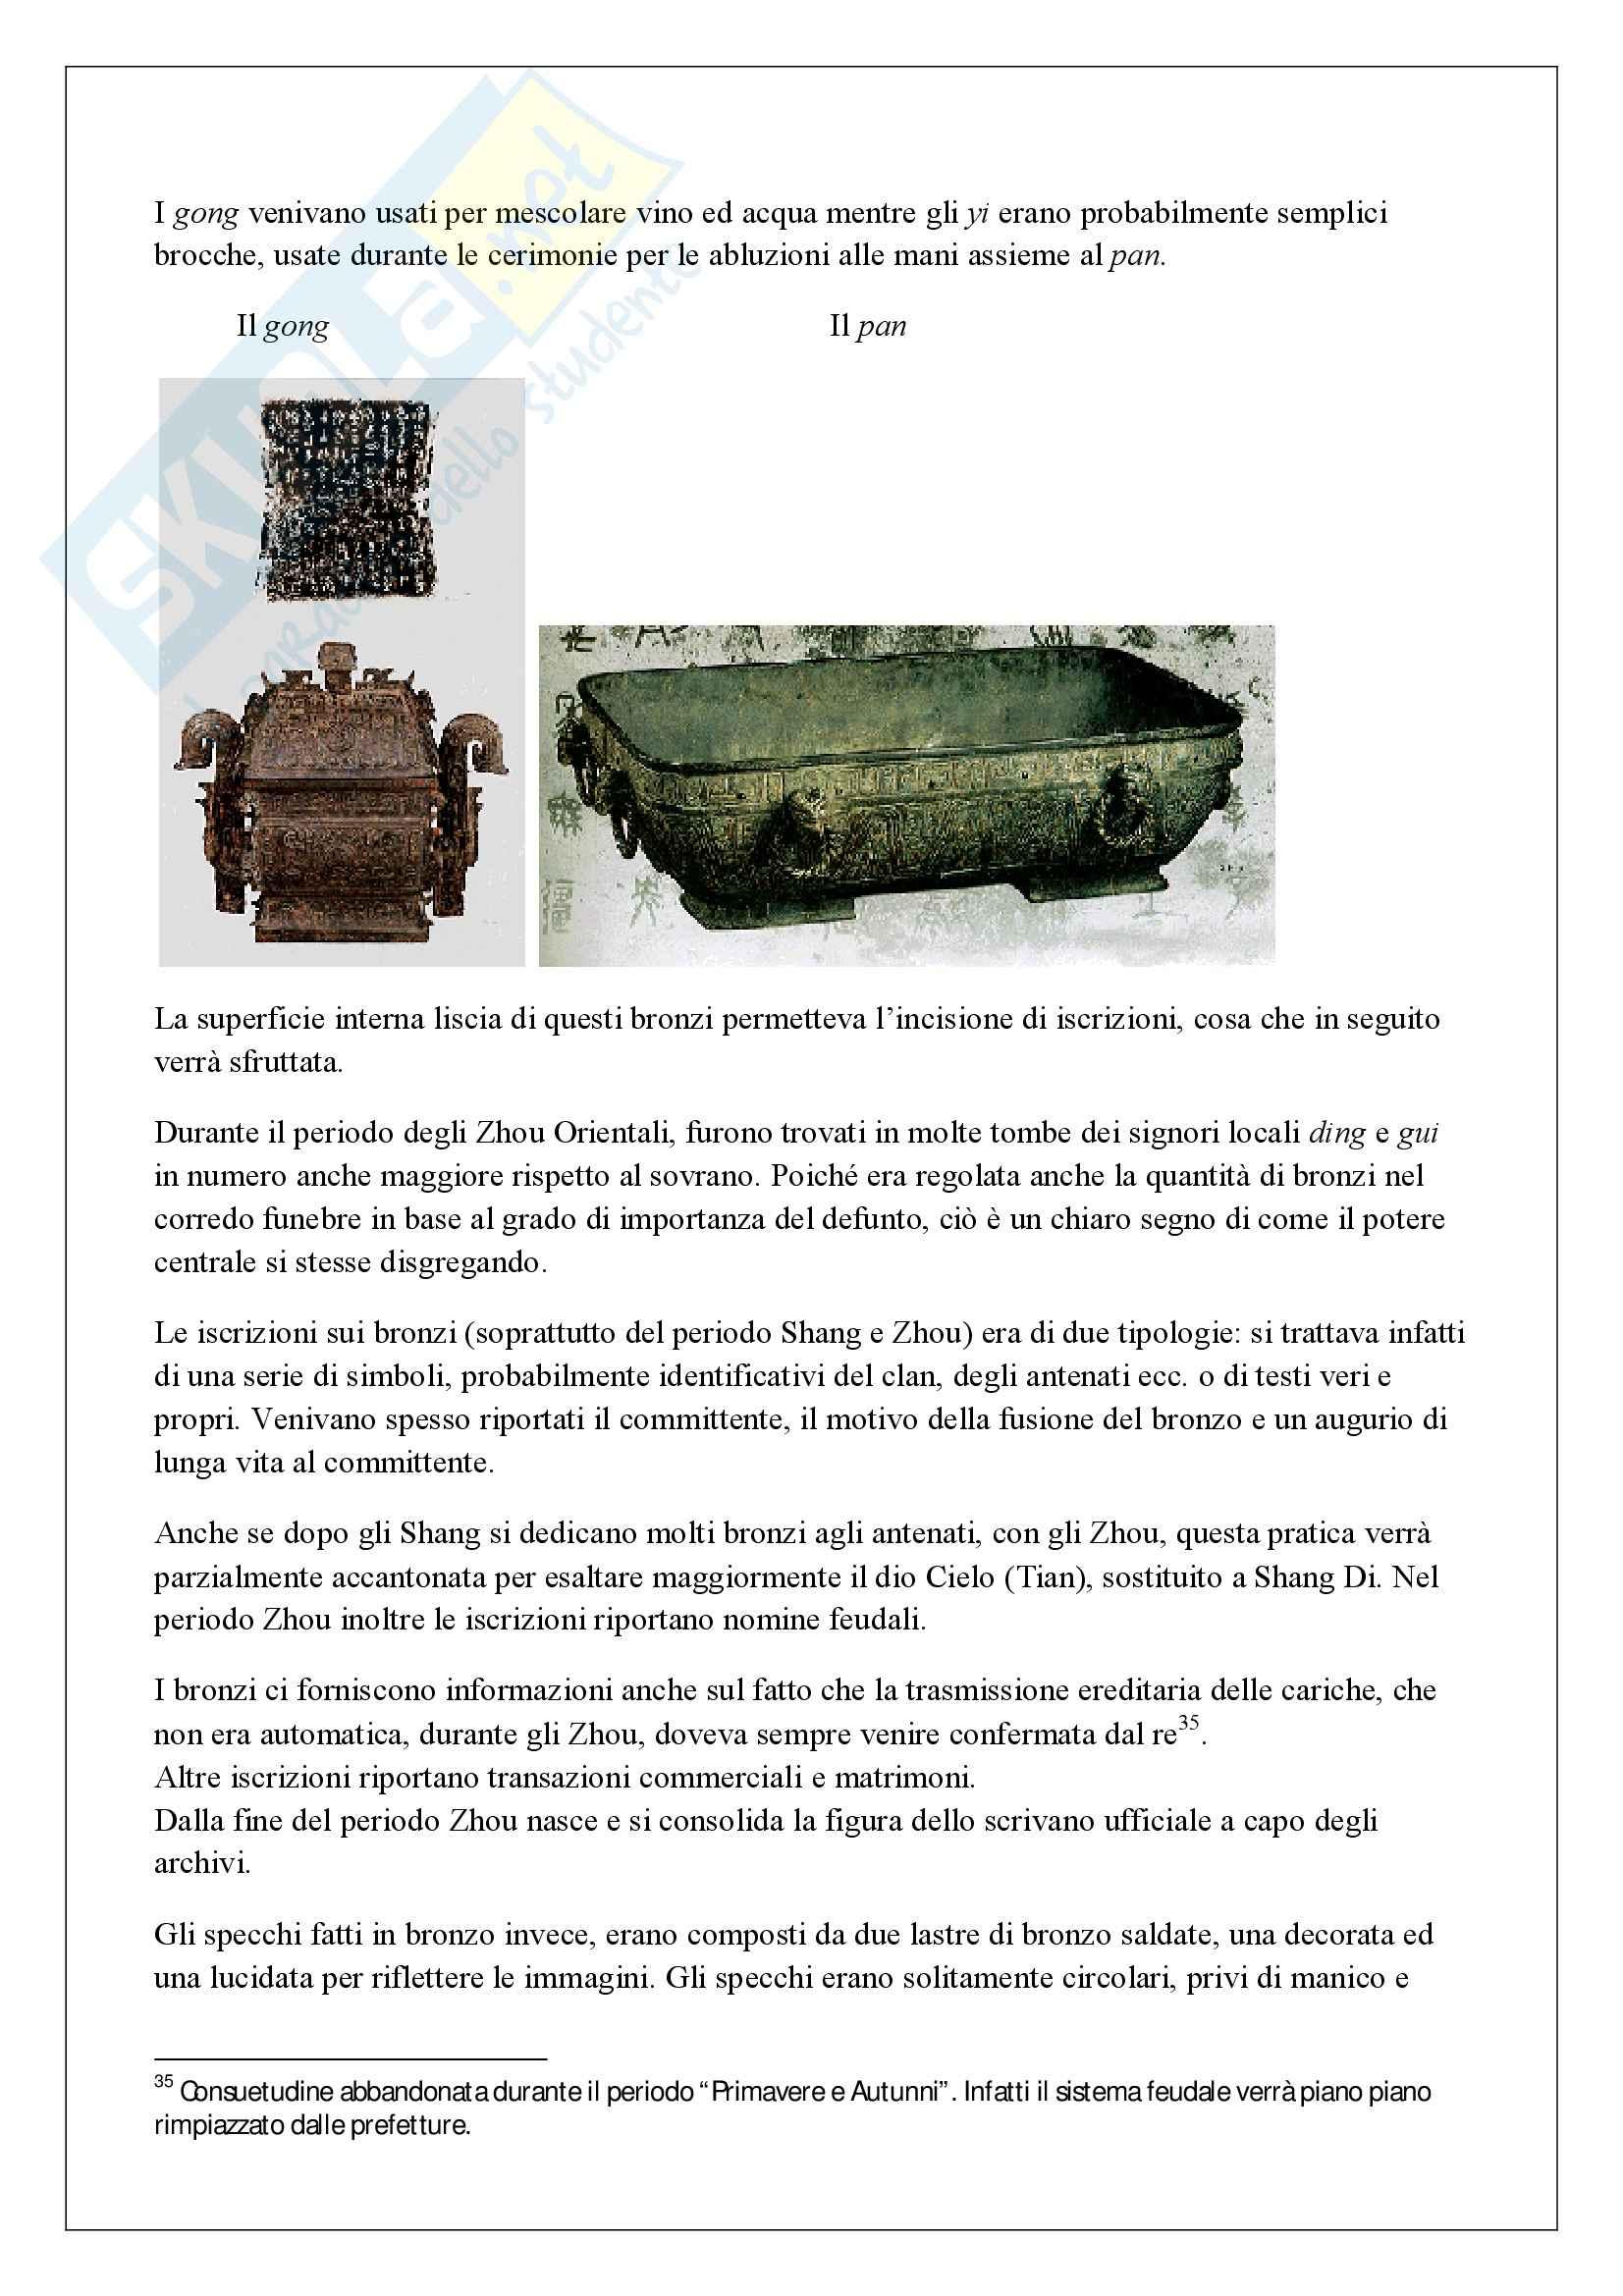 Lineamenti di Storia dell'arte della Cina - Appunti Pag. 16